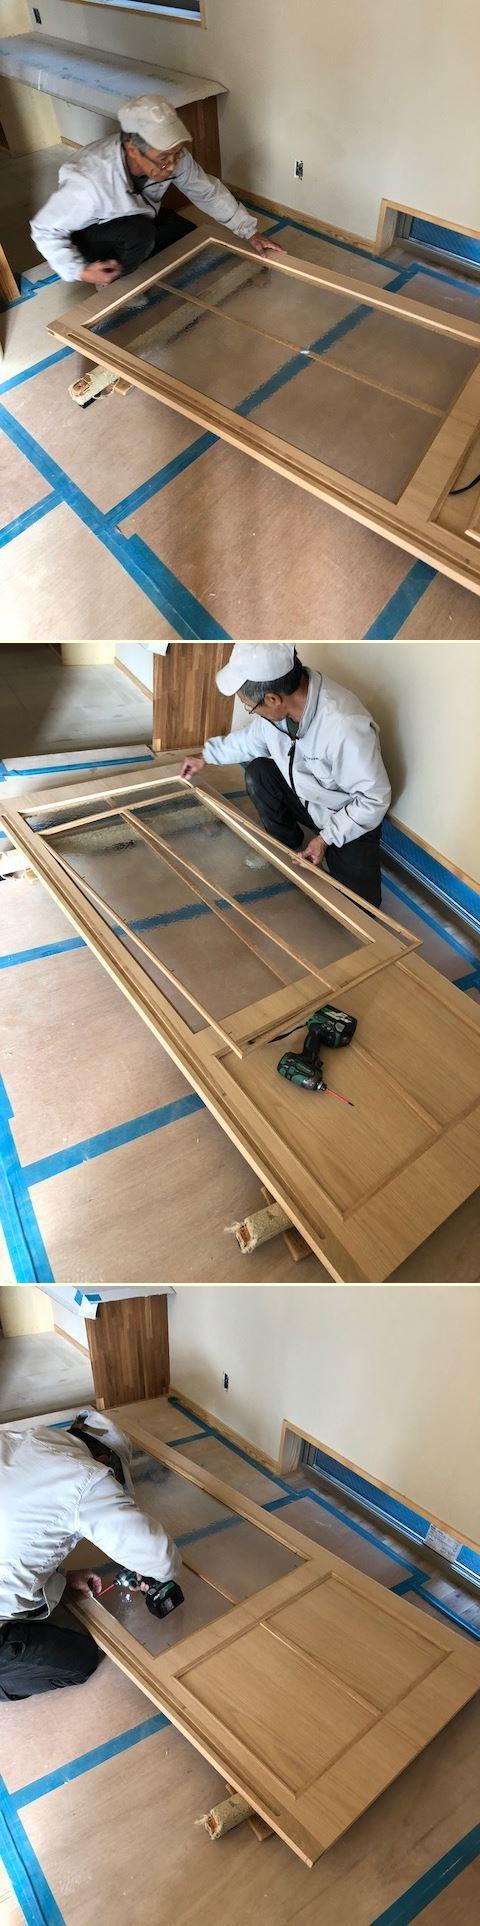 厚木市妻田の家☆建具工事が始まっていました_c0152341_15142894.jpg